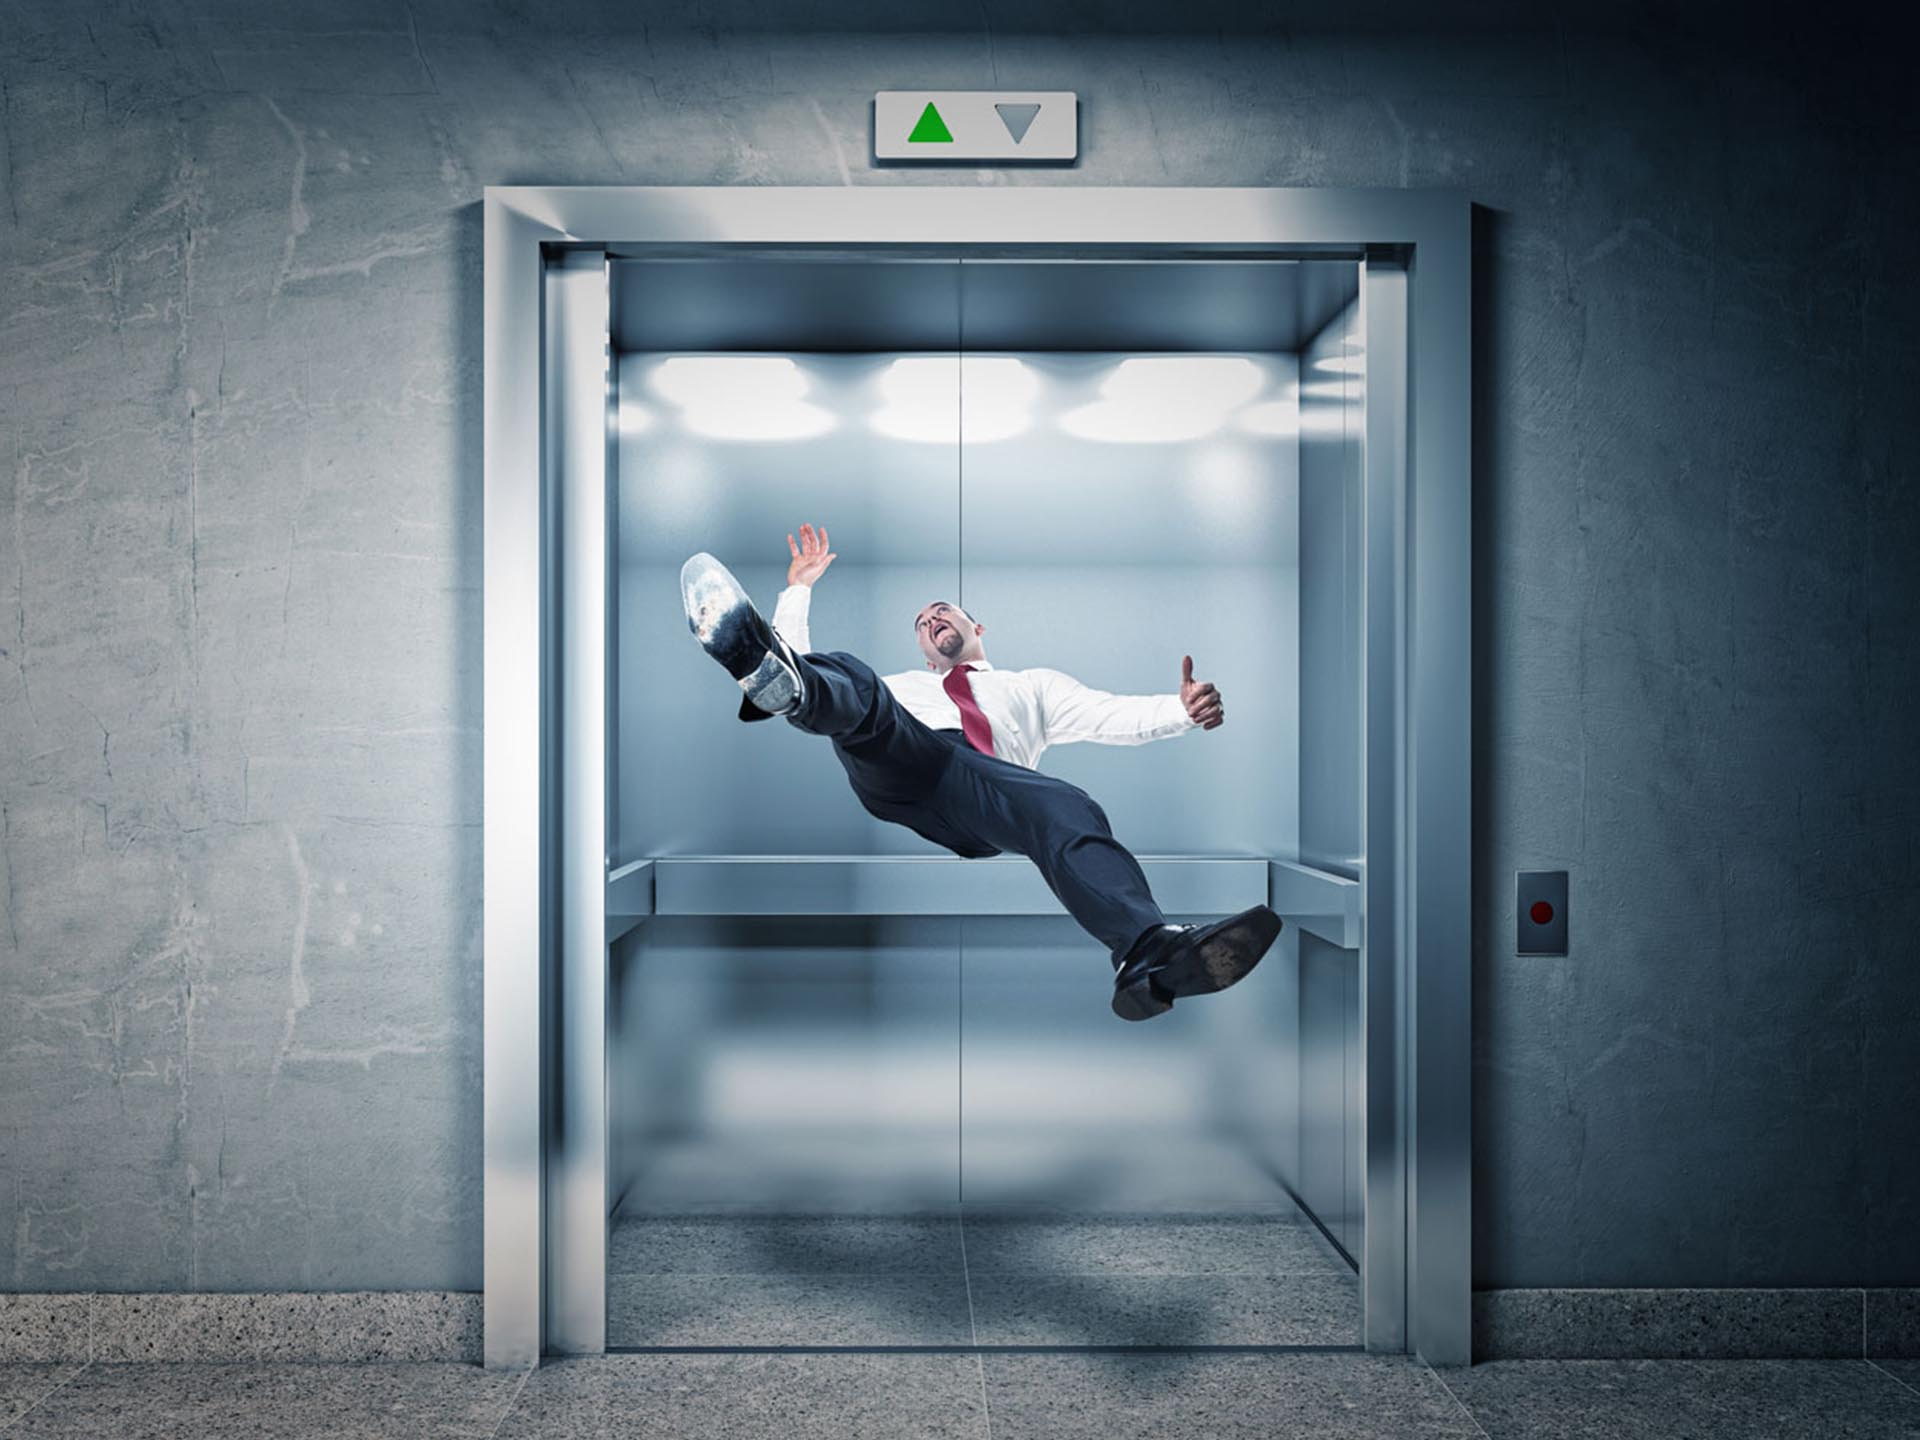 Rüyada Asansörün Hızla Düştüğünü Görmek